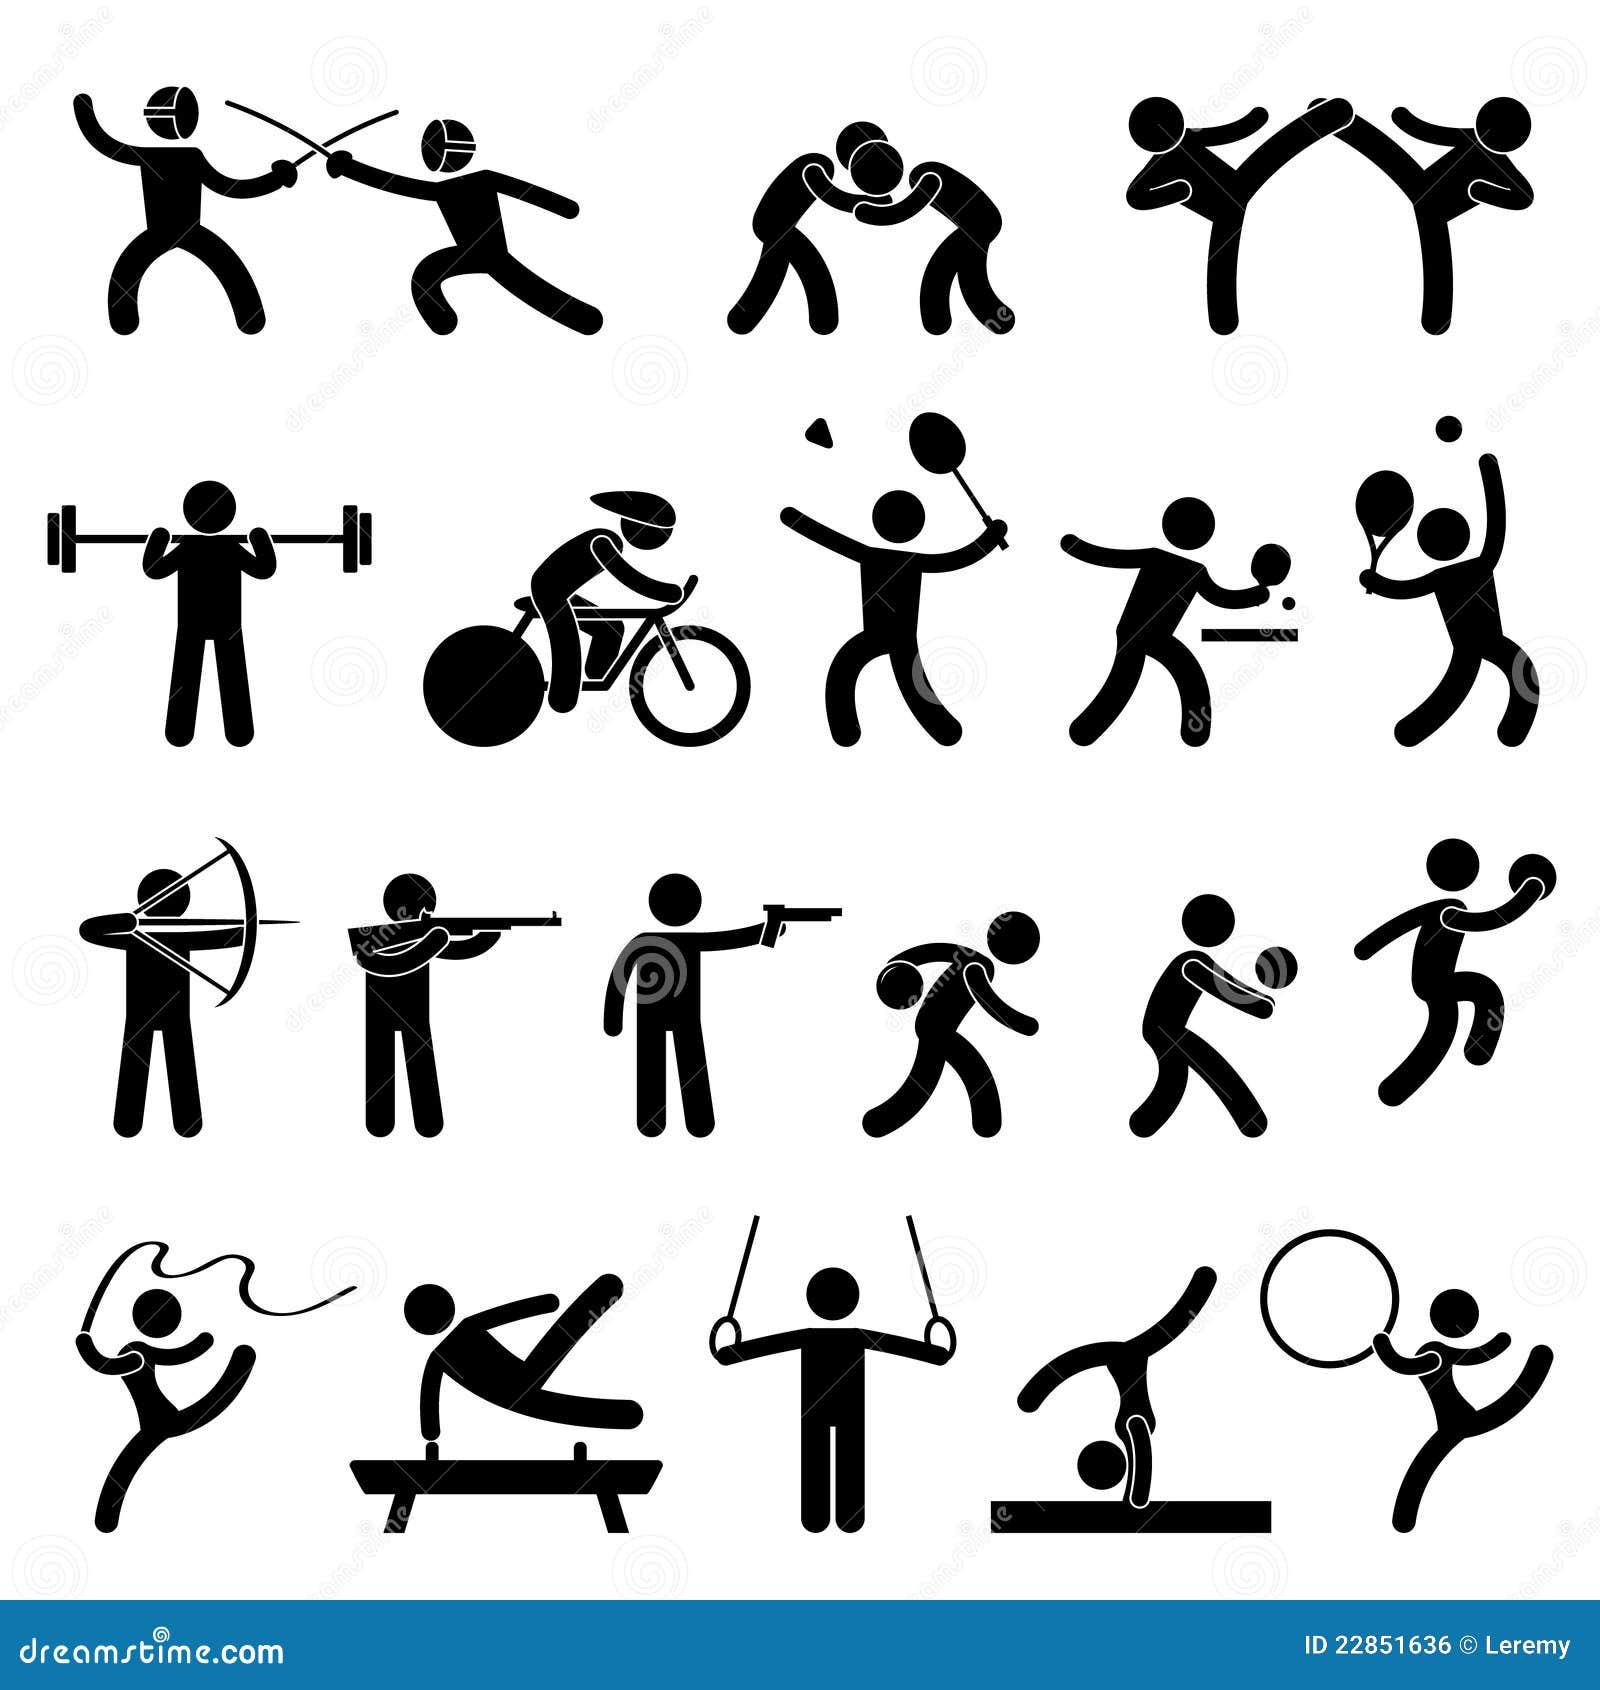 рейтинг медалей на олимпийских играх